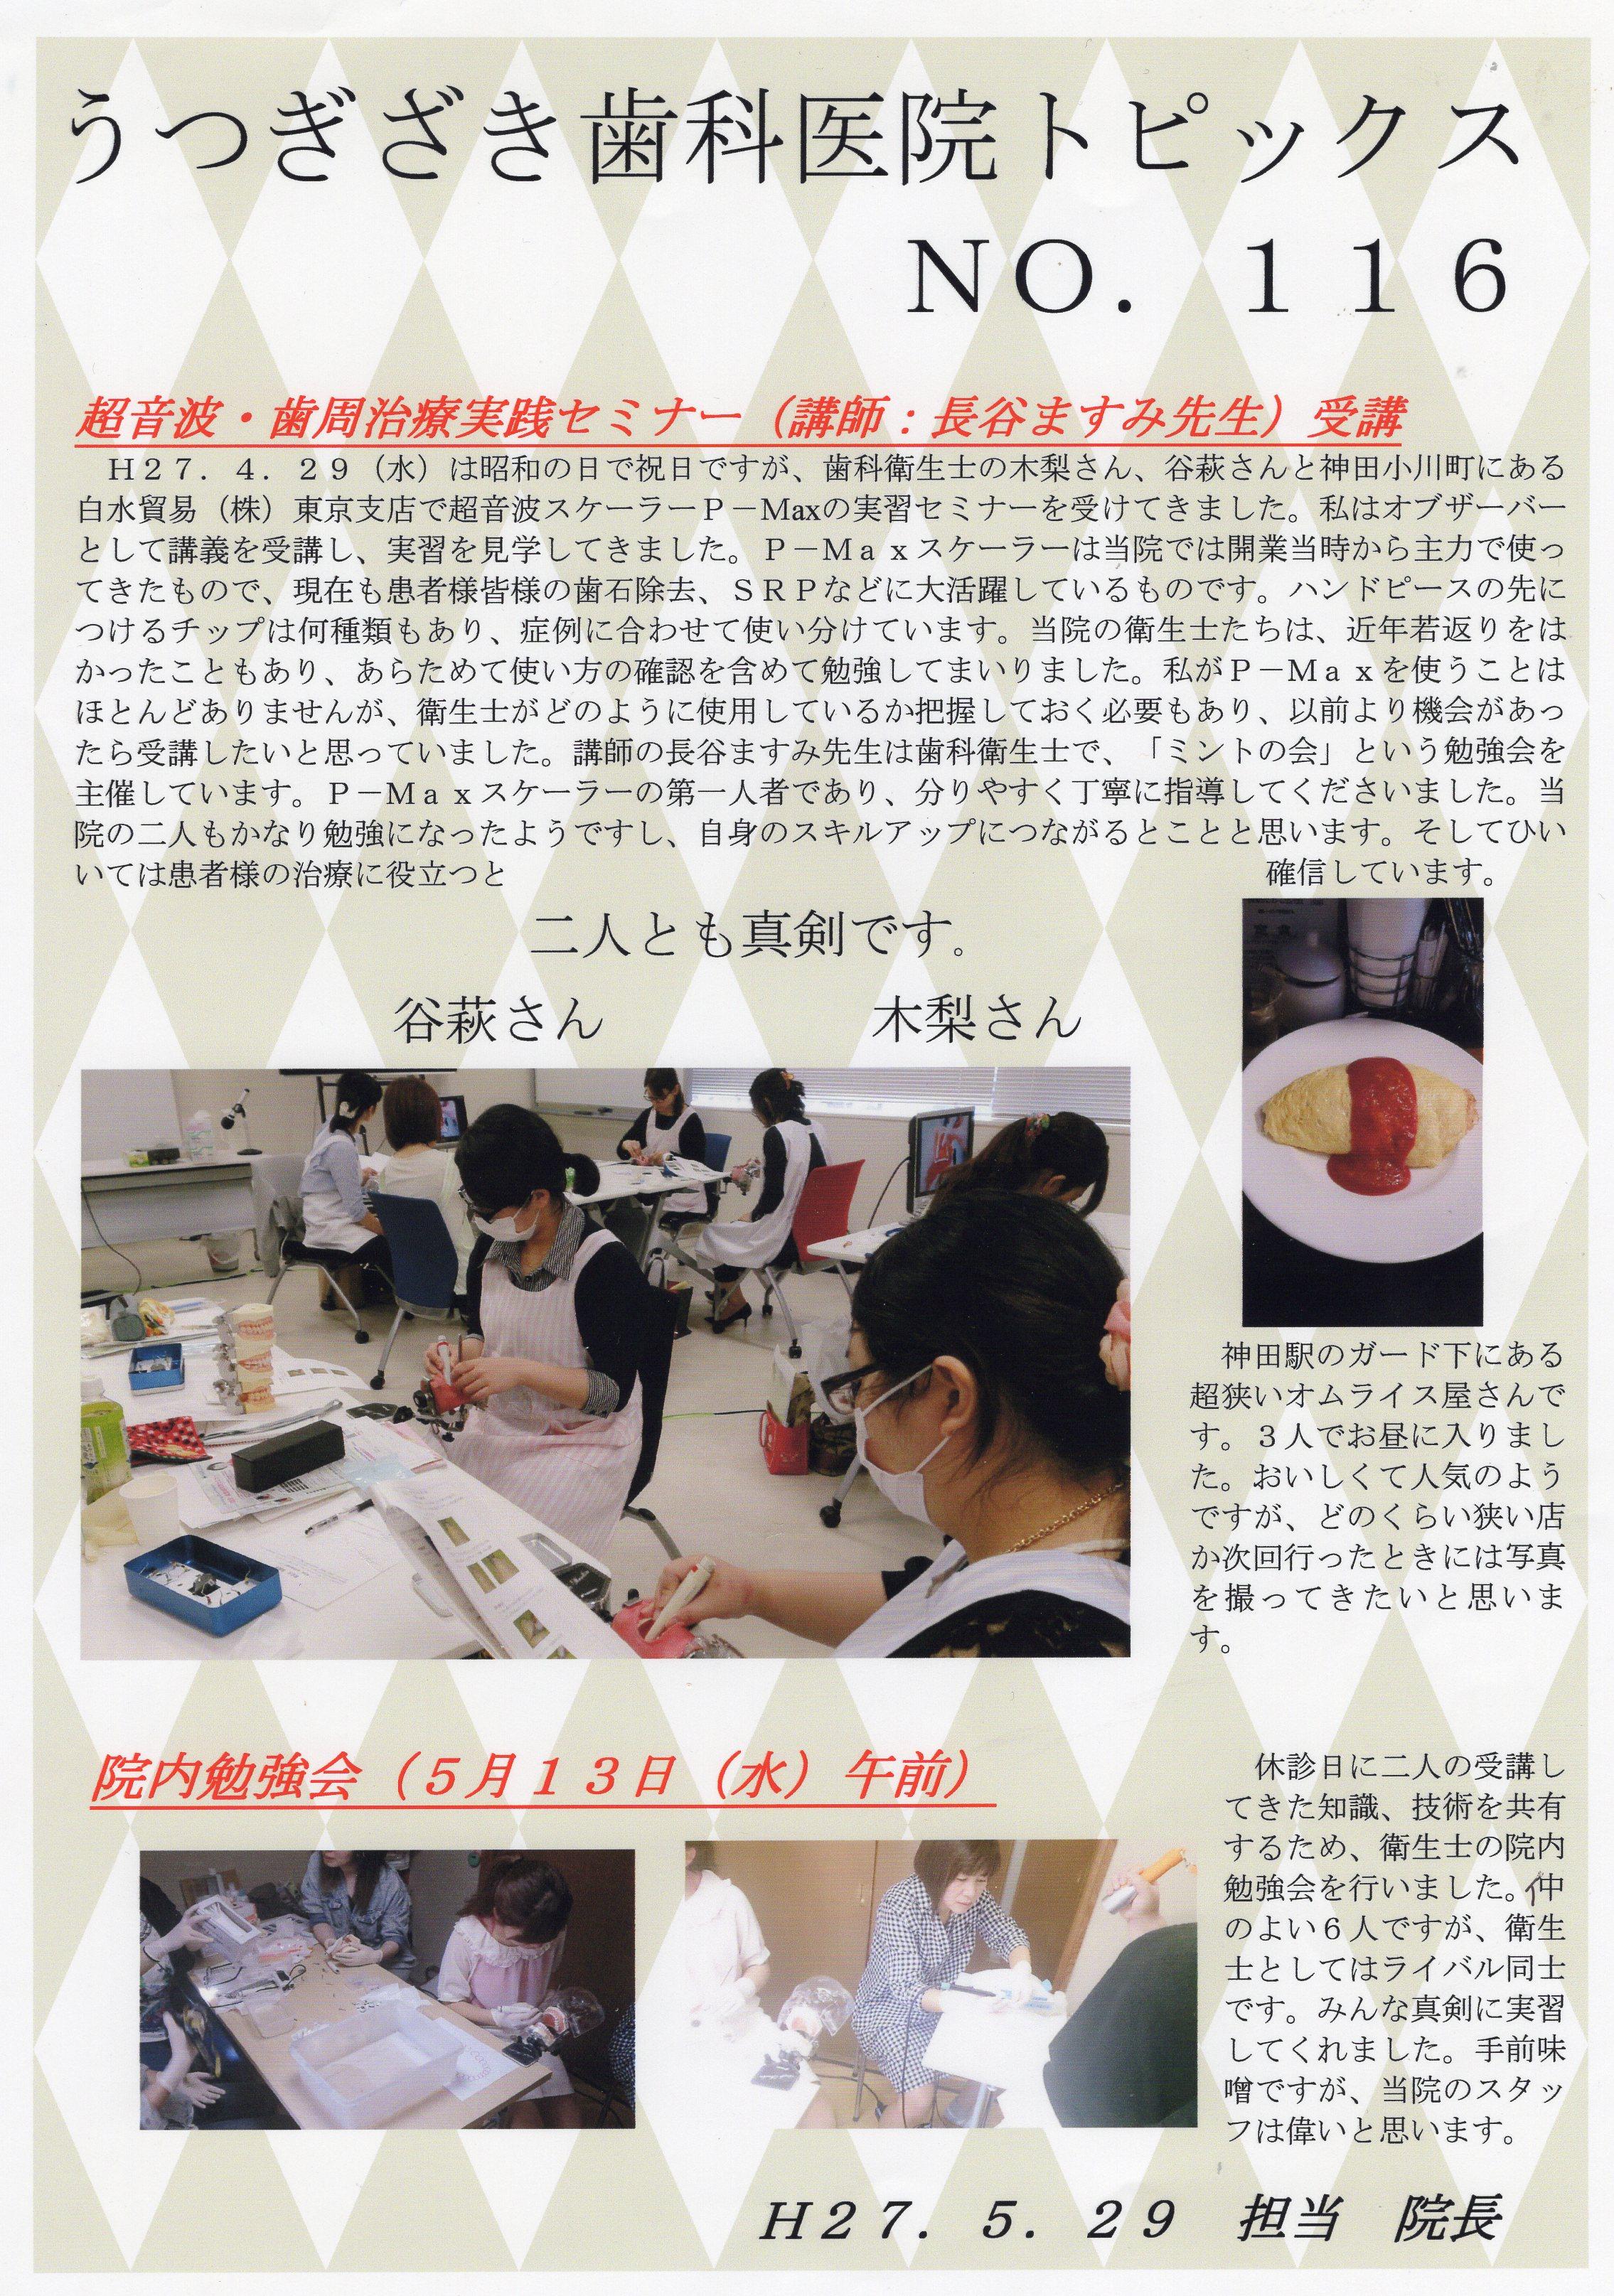 うつぎざき歯科医院トピックス NO.116